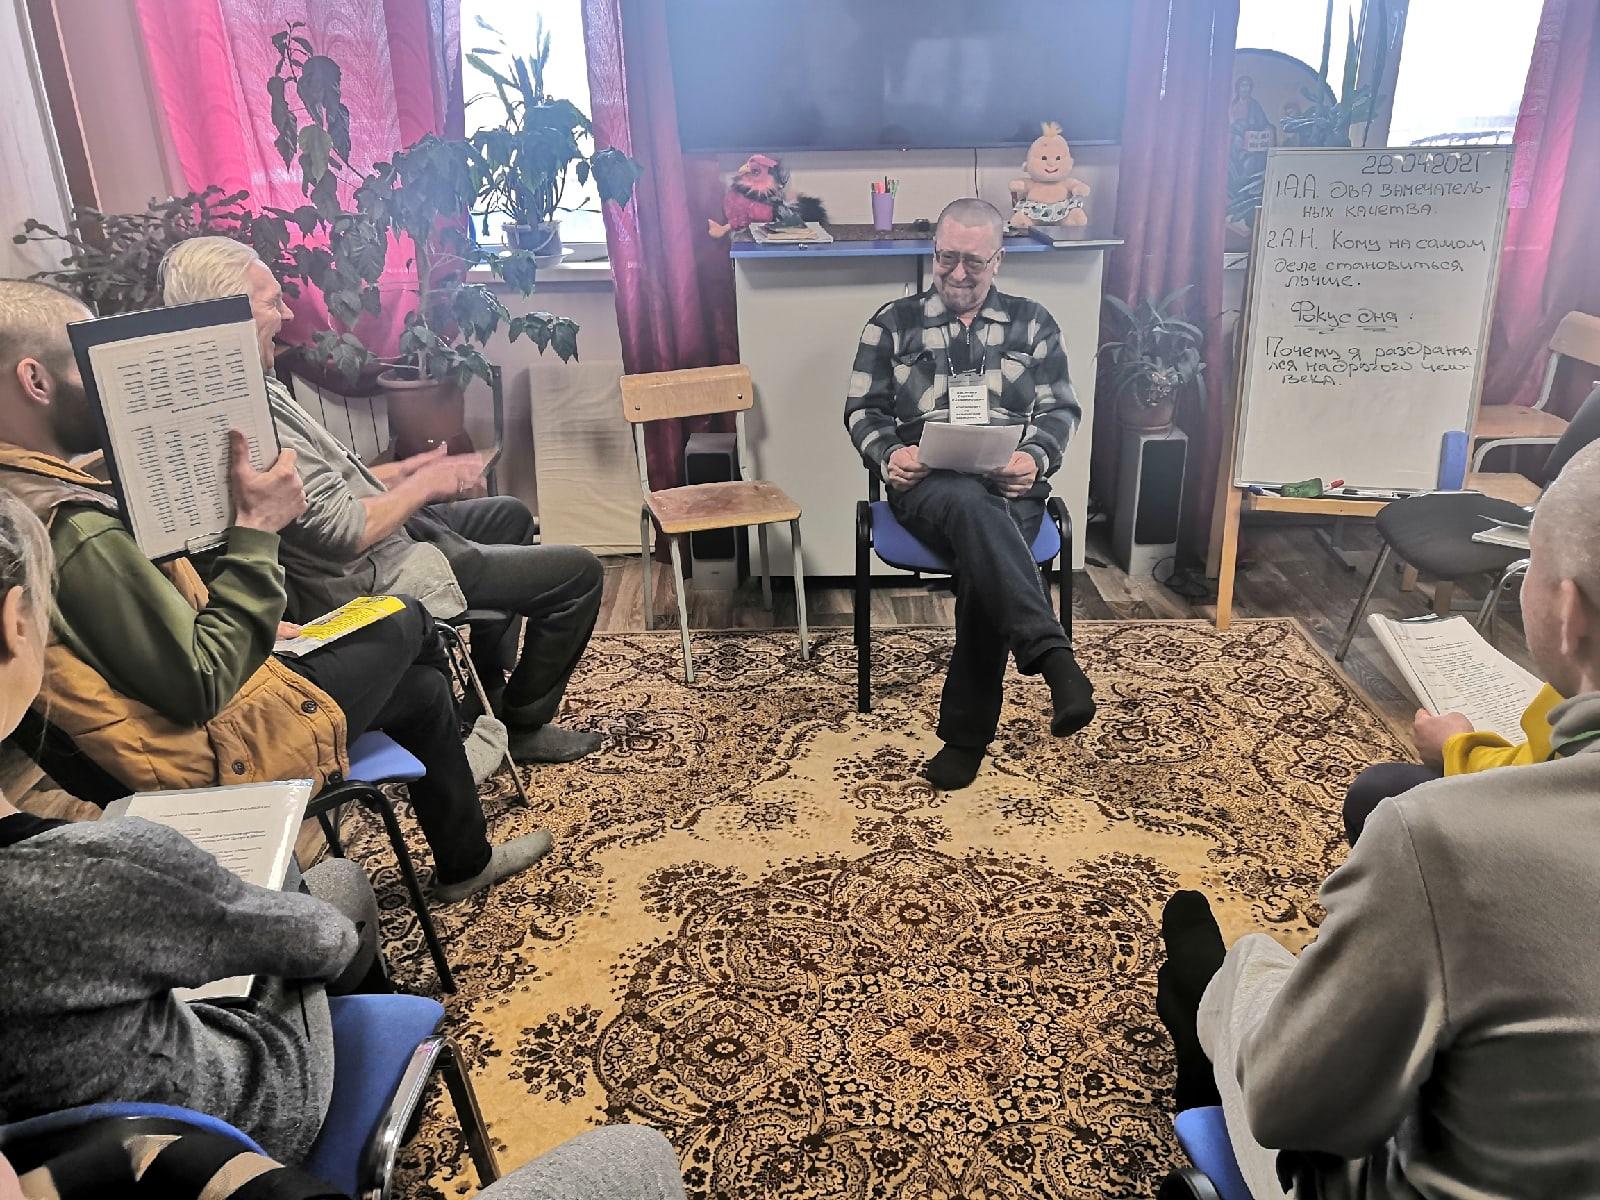 Сегодня проводил консультант-Сергей  занятие с ребятами, которые проходят реабилитацию.